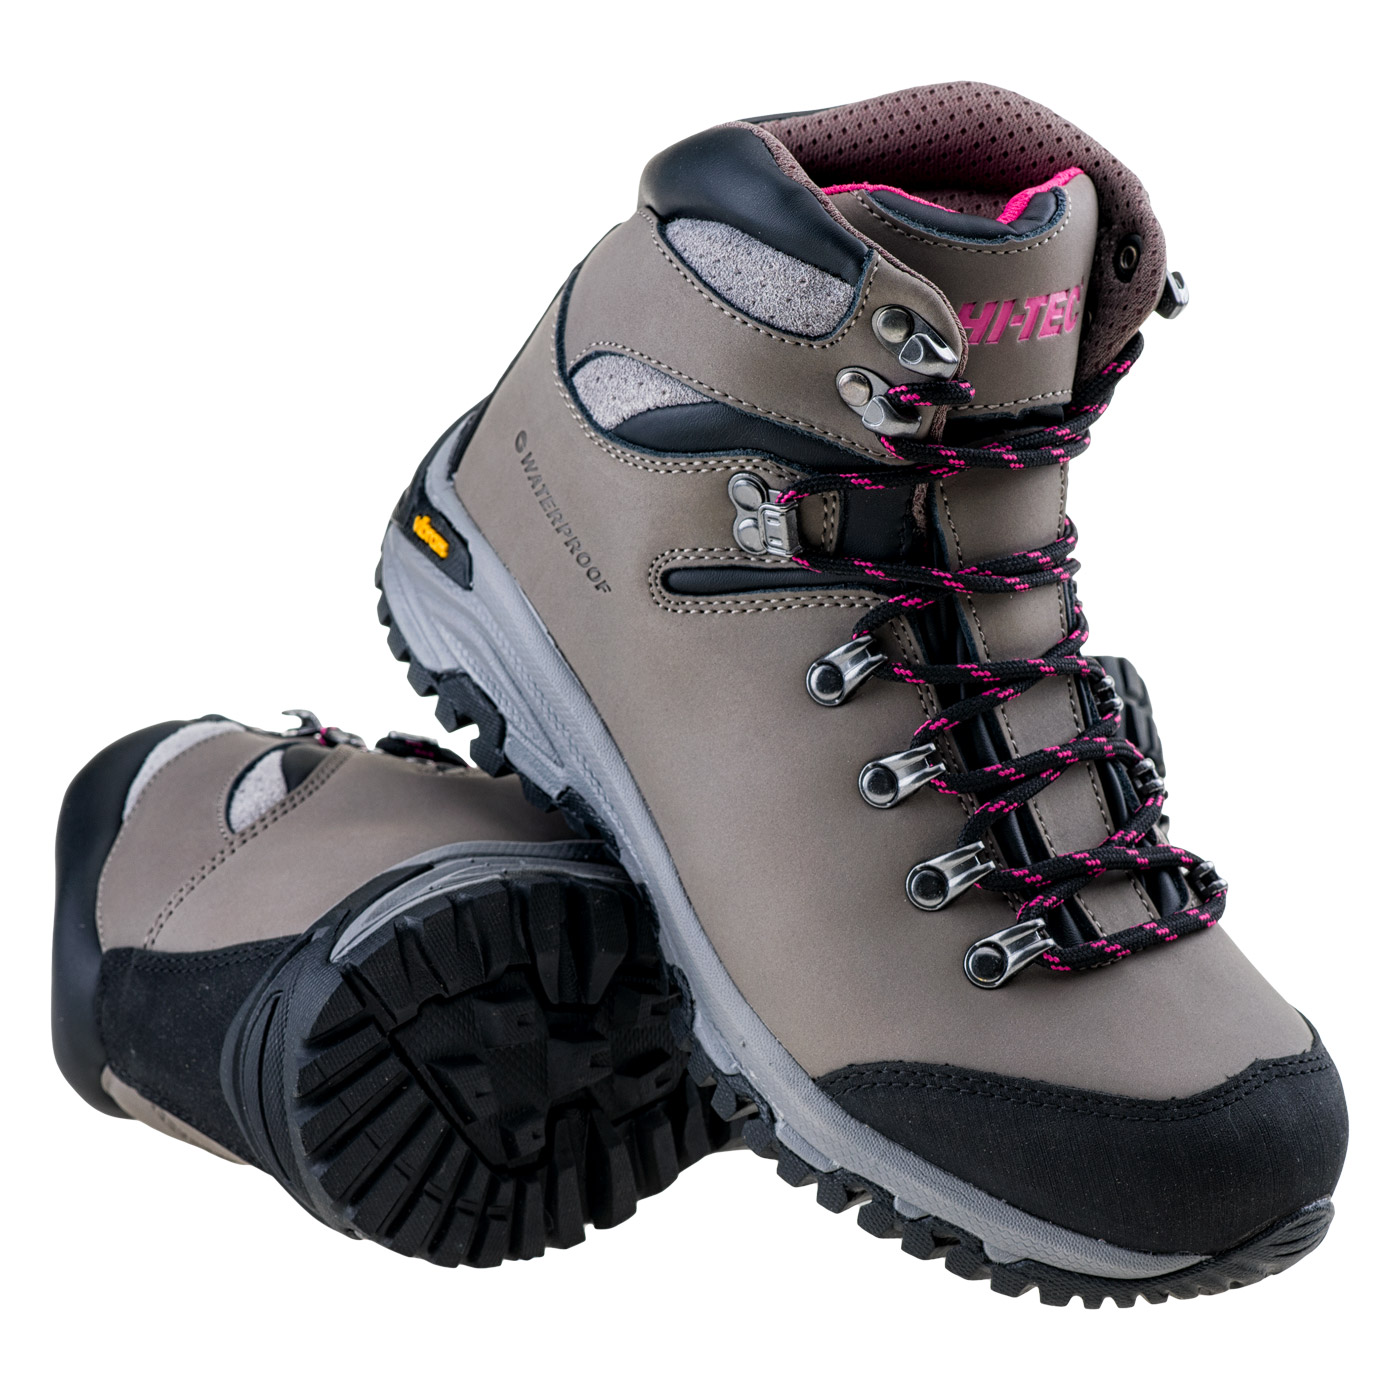 HI-TEC Sajama Mid WP Wo's - dámské turistické boty Barva: Šedá-černá, Velikost: 36